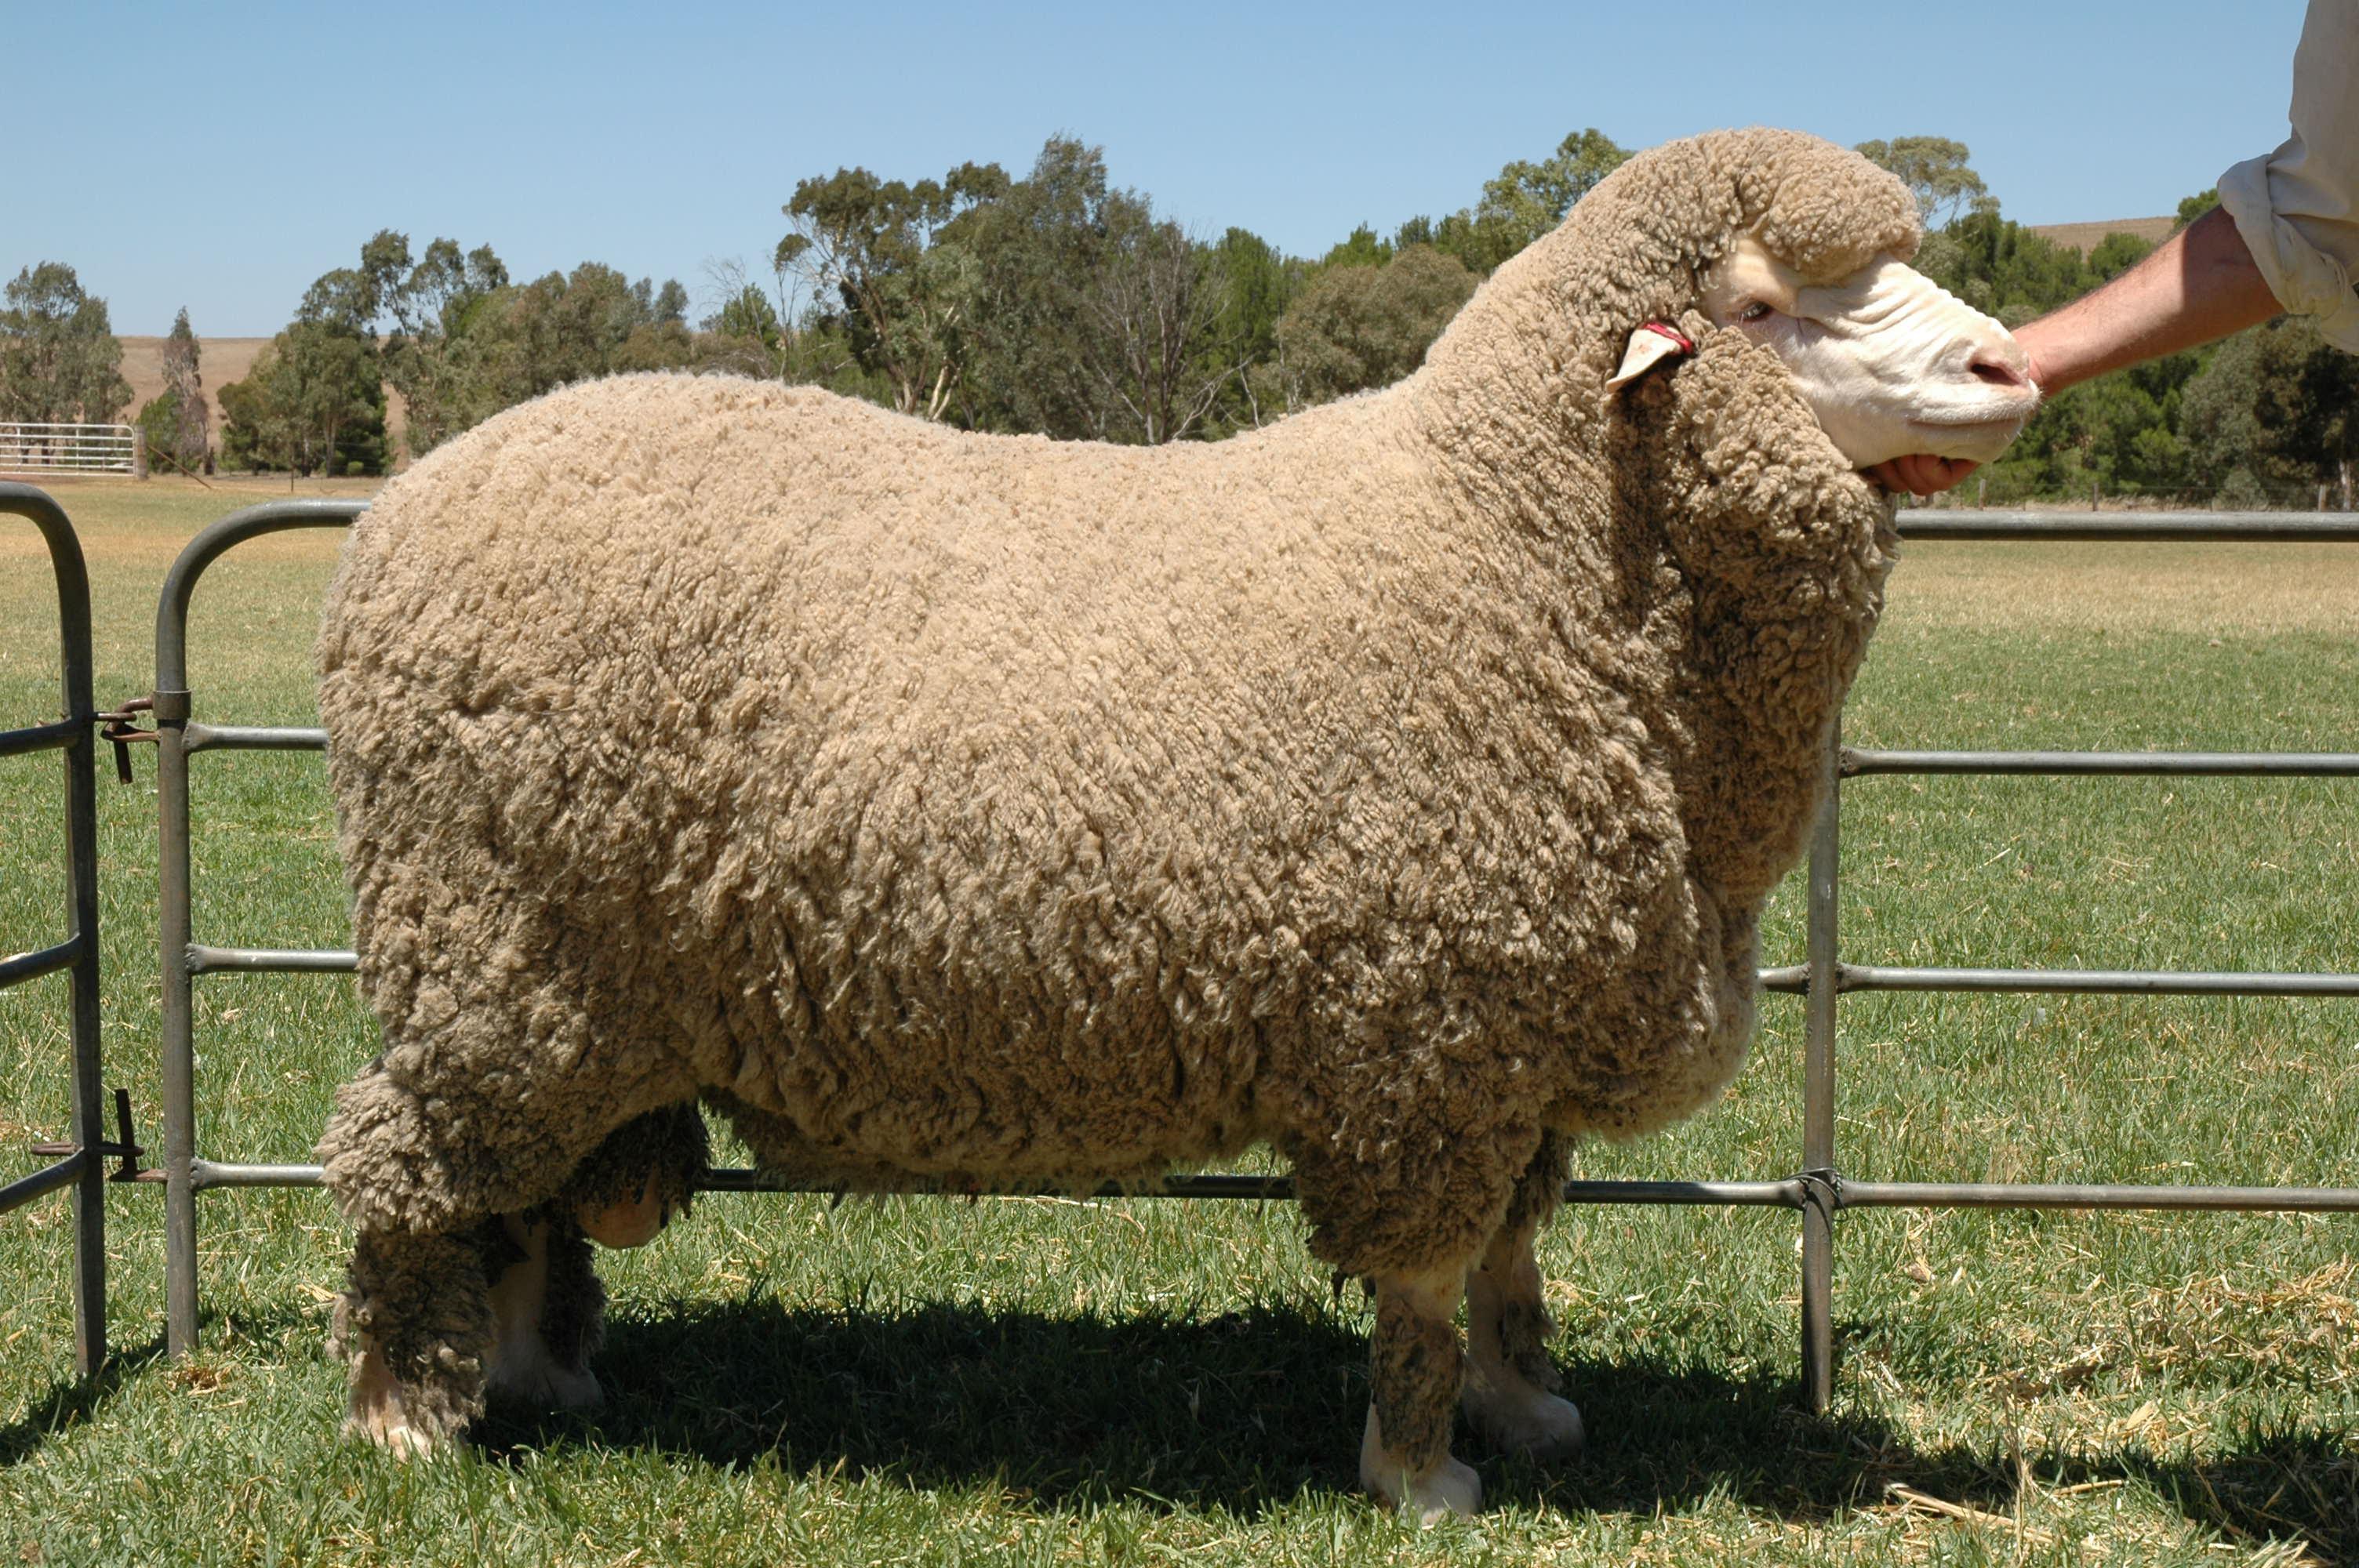 Sheep Photos